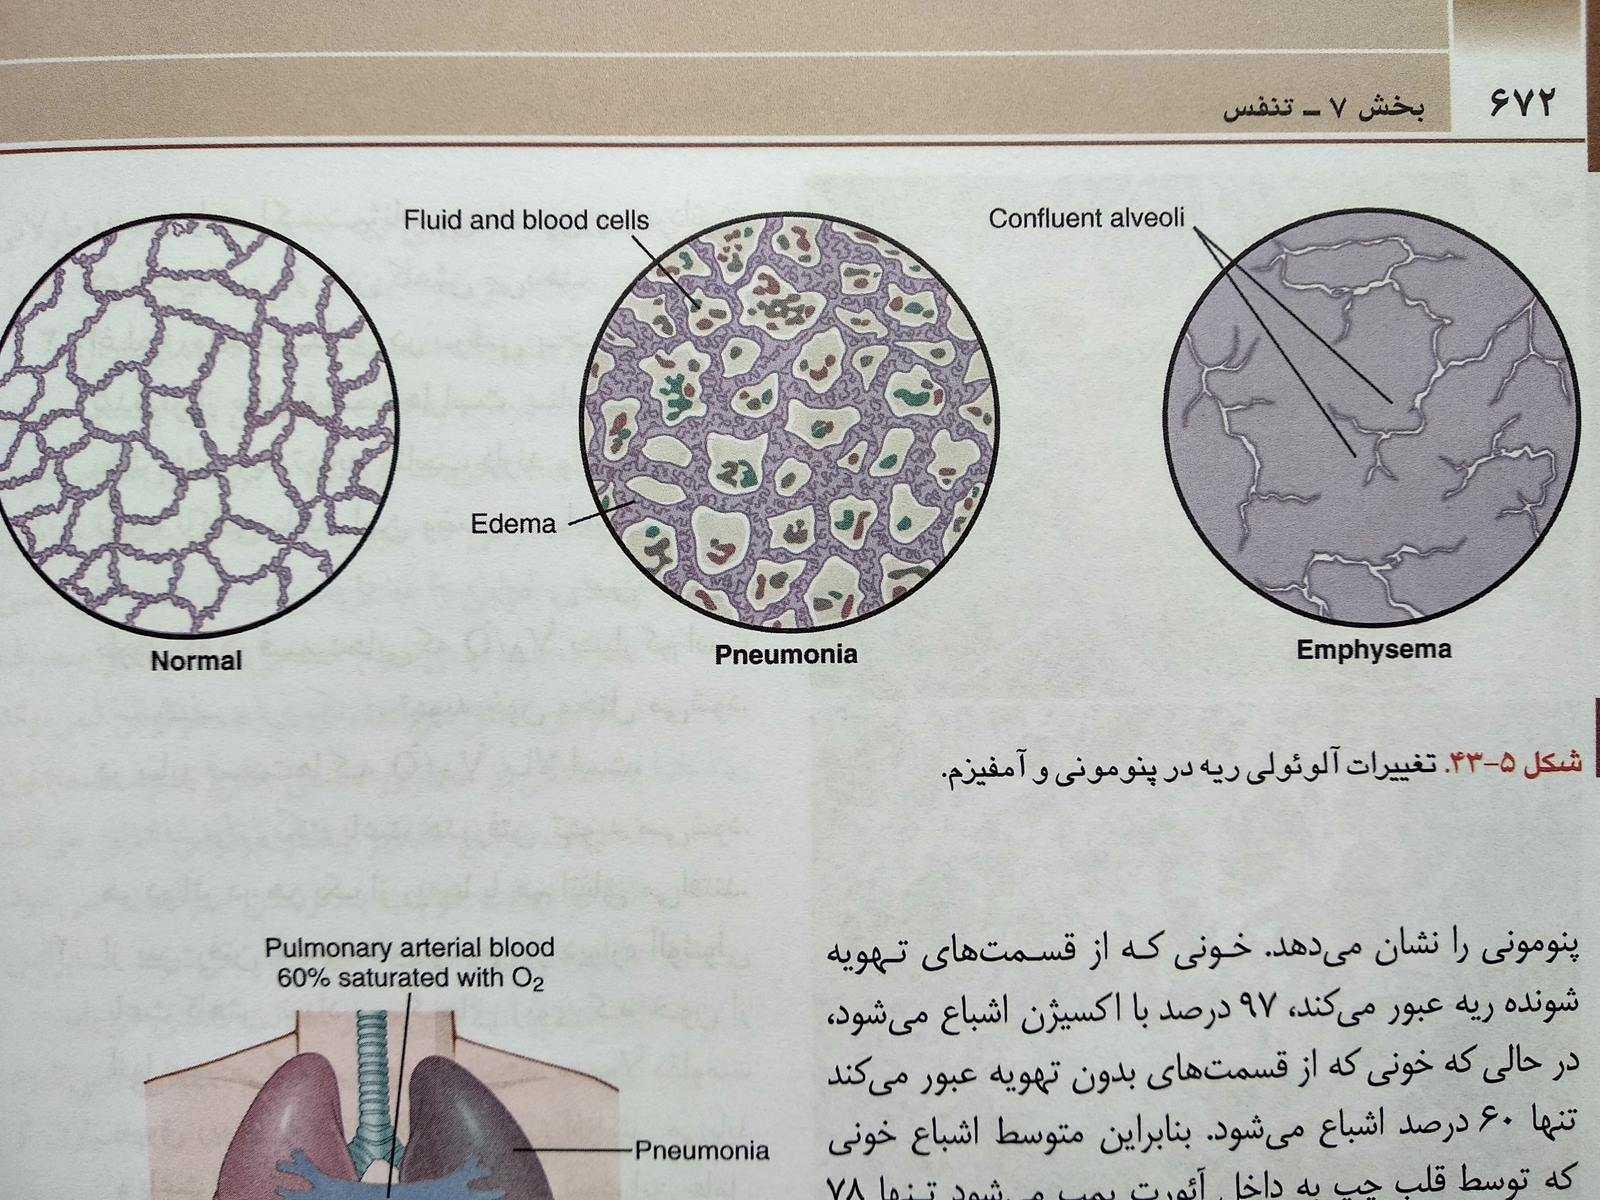 تغییرات آلوئولی در آمفیزم و پنومونی